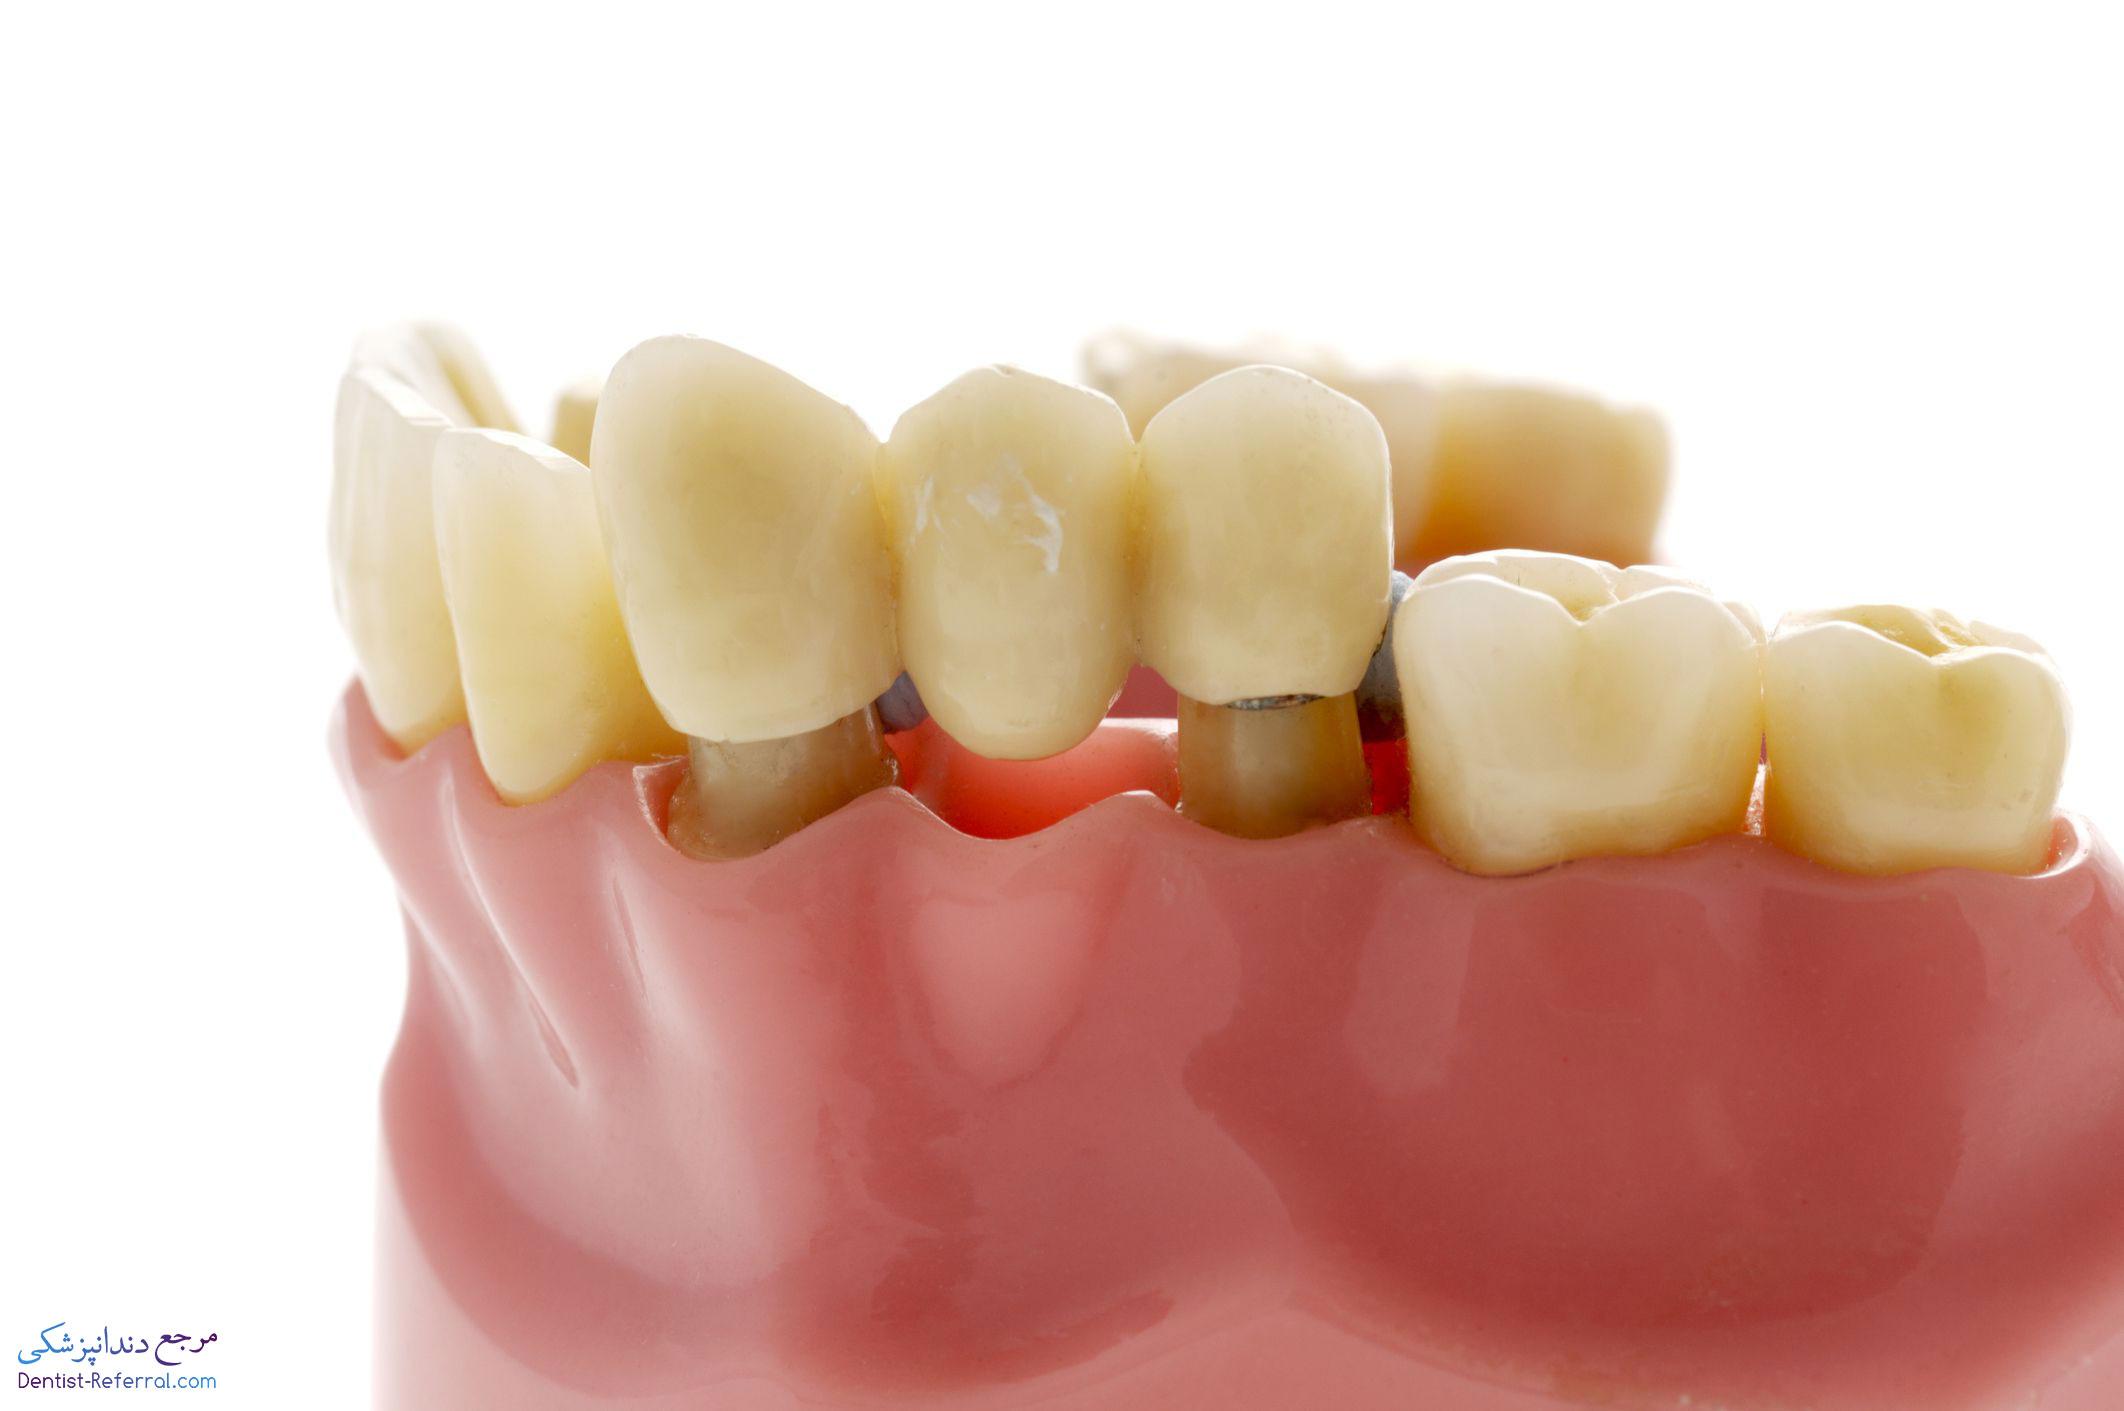 بریج دندان یا پل دندانی چیست؟